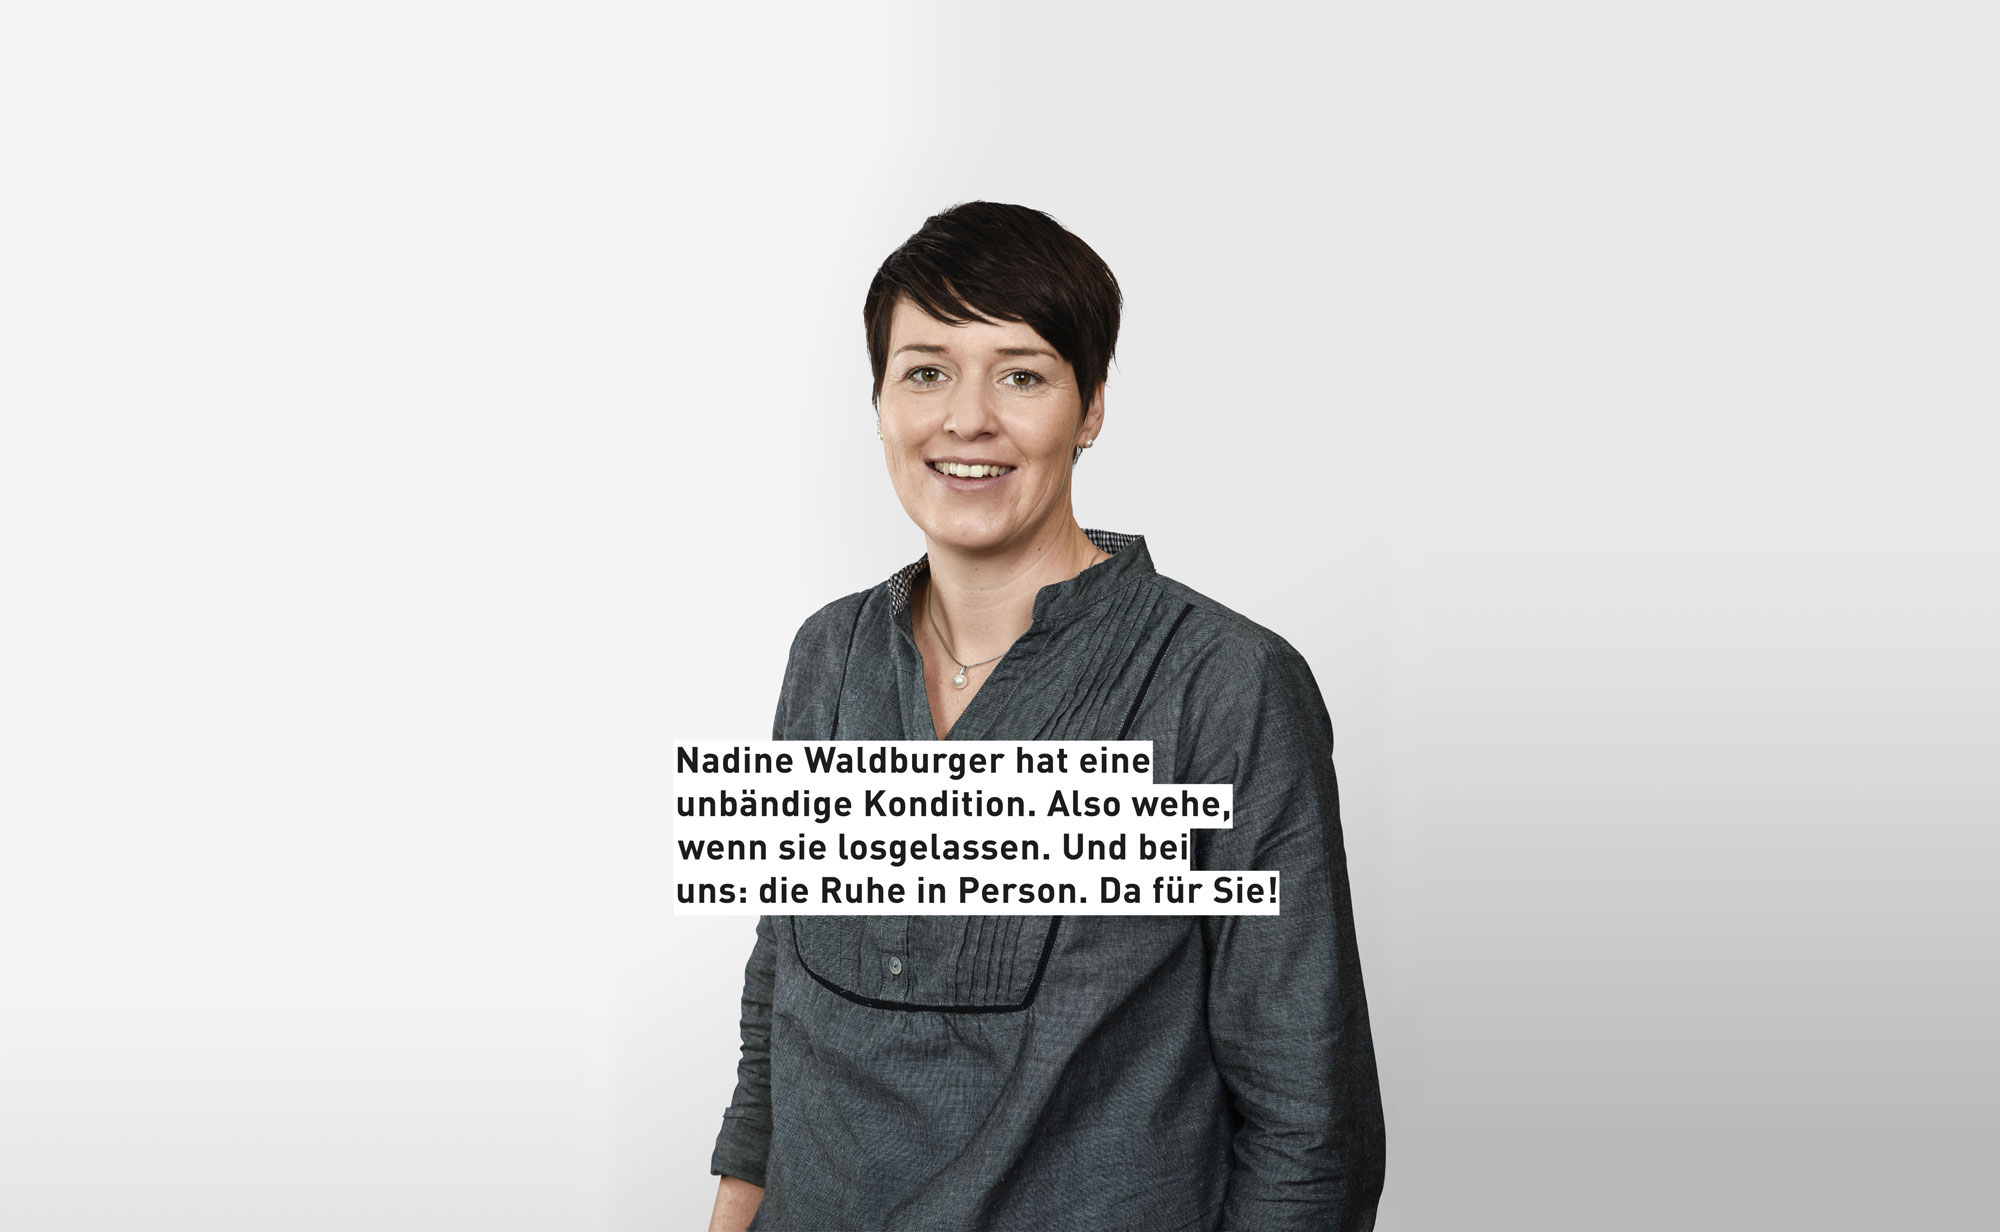 Nadine Waldburger